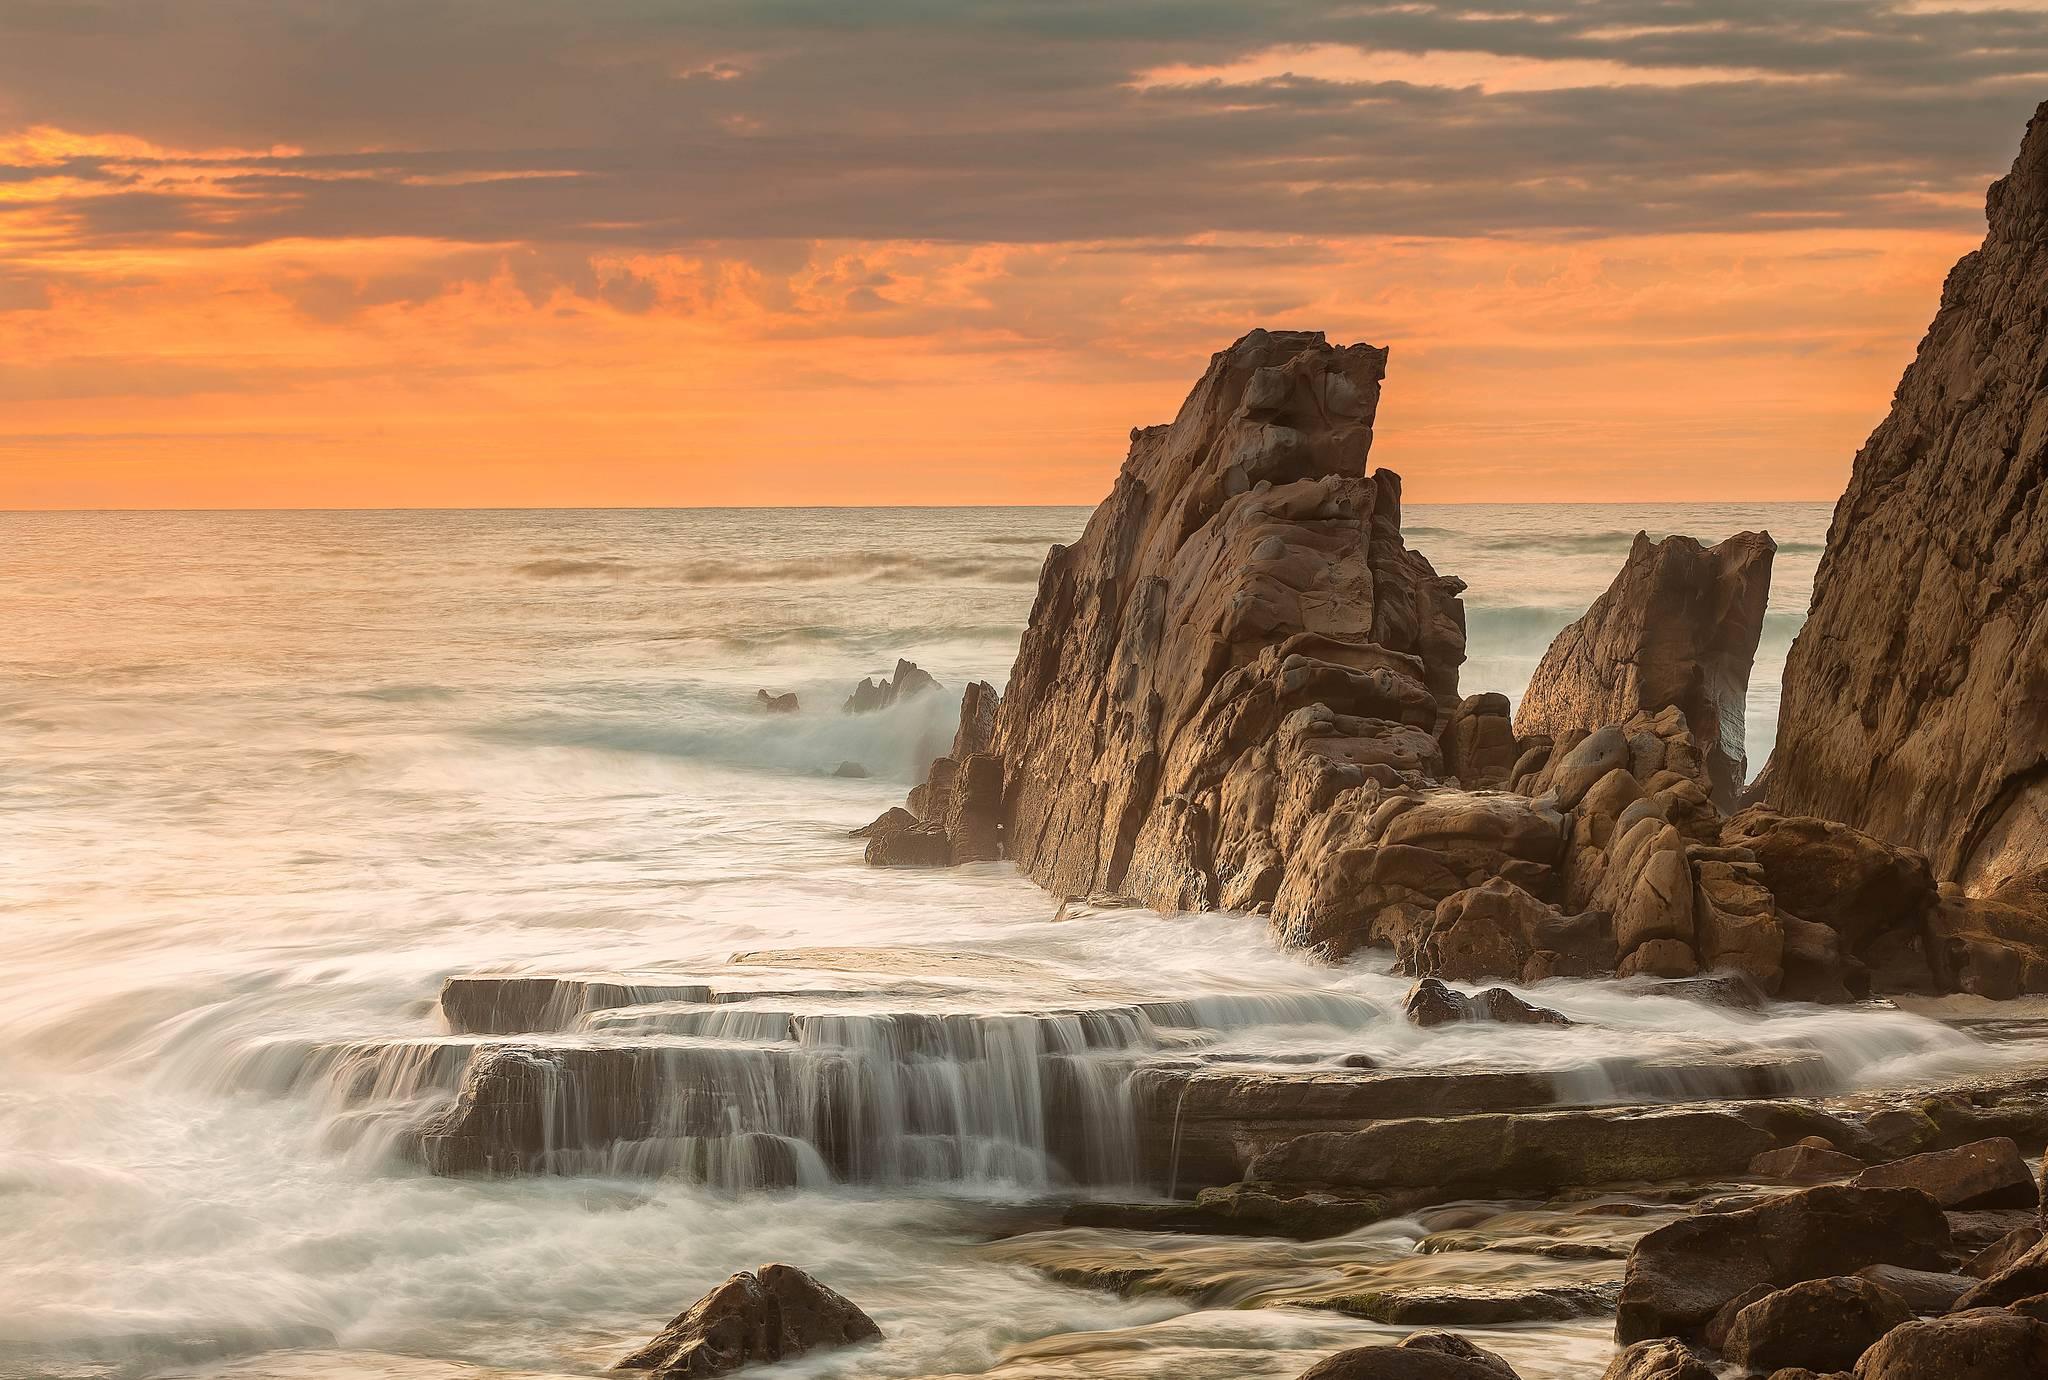 скалы в море бесплатно